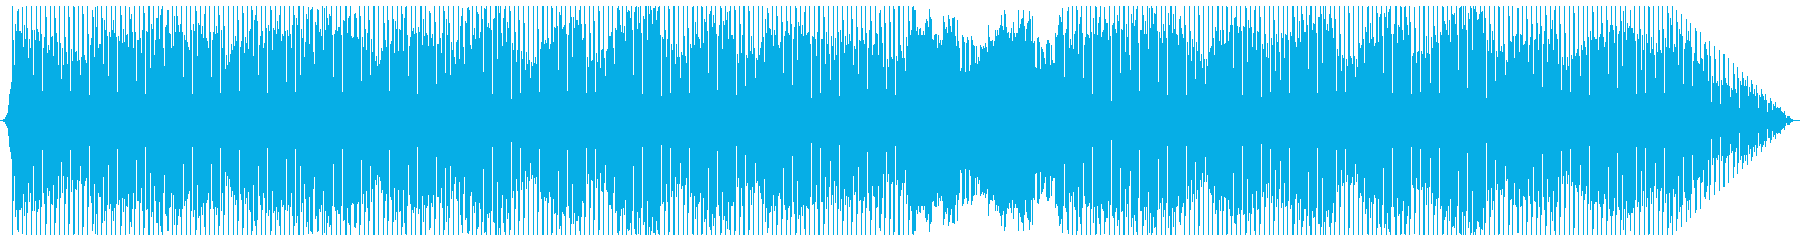 晴れた日のイメージの4つ打ちポップスの再生済みの波形